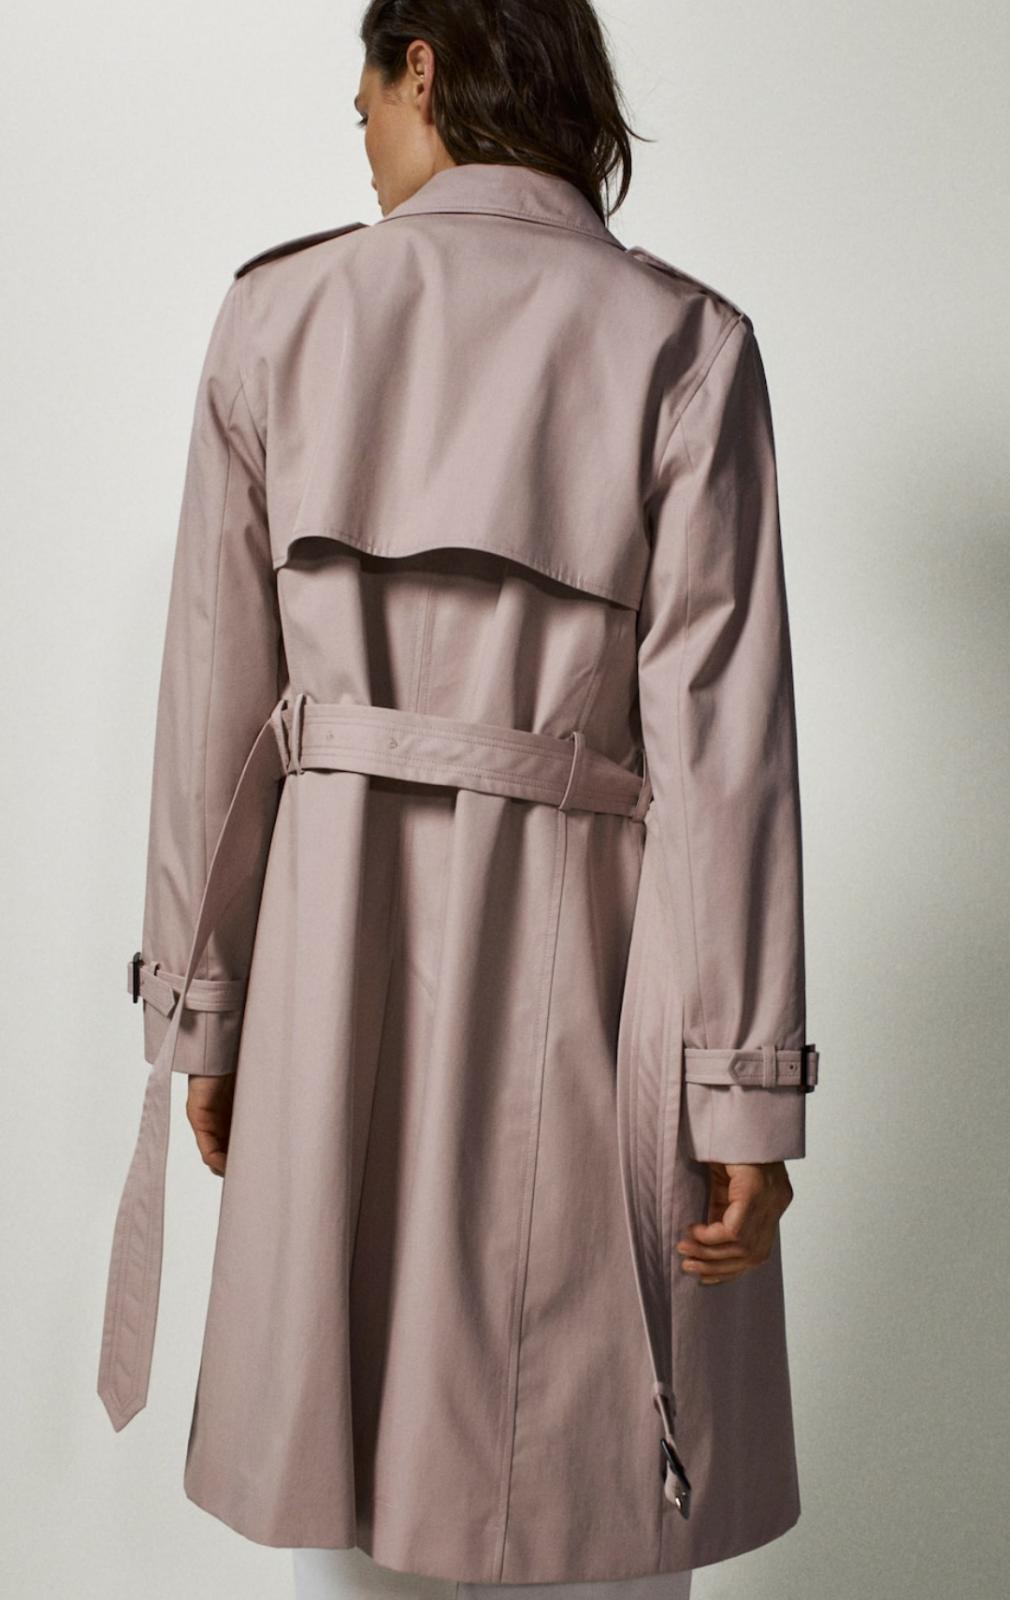 Gabardina de algodón clásica en color rosa, de Massimo Dutti (149€)